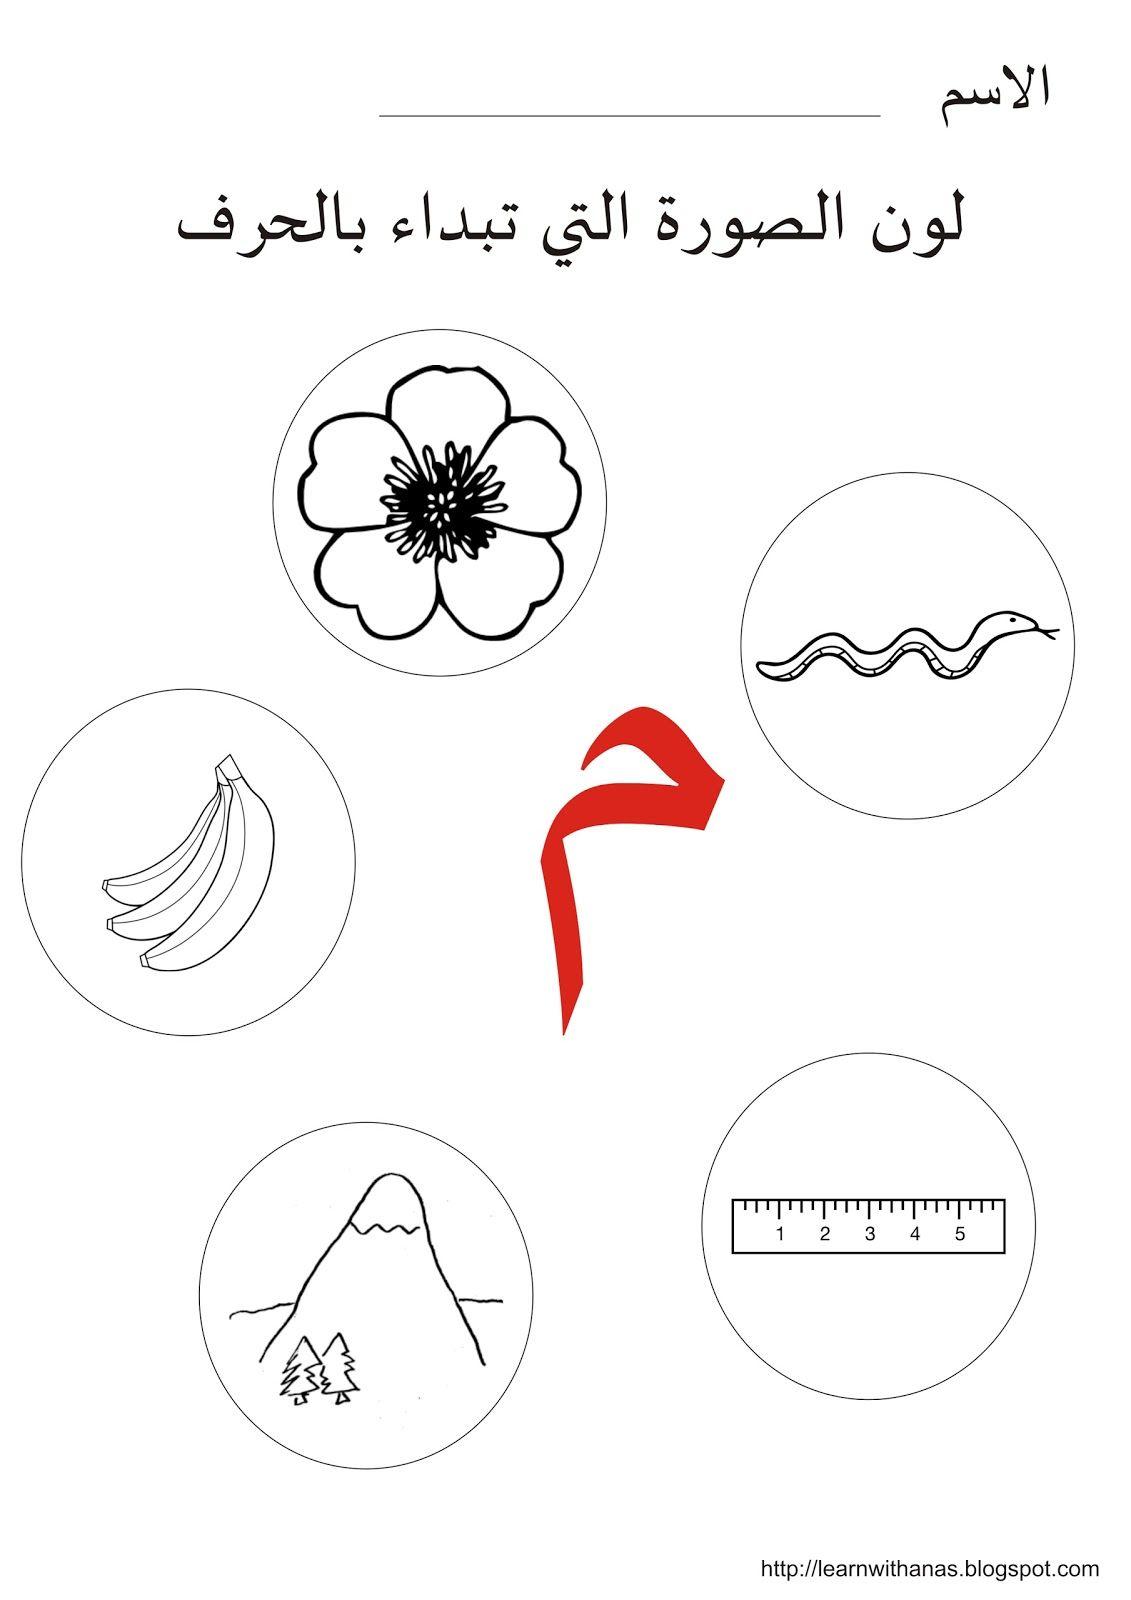 تعلم مع أنس Learn Arabic Alphabet Arabic Alphabet For Kids Arabic Alphabet Letters